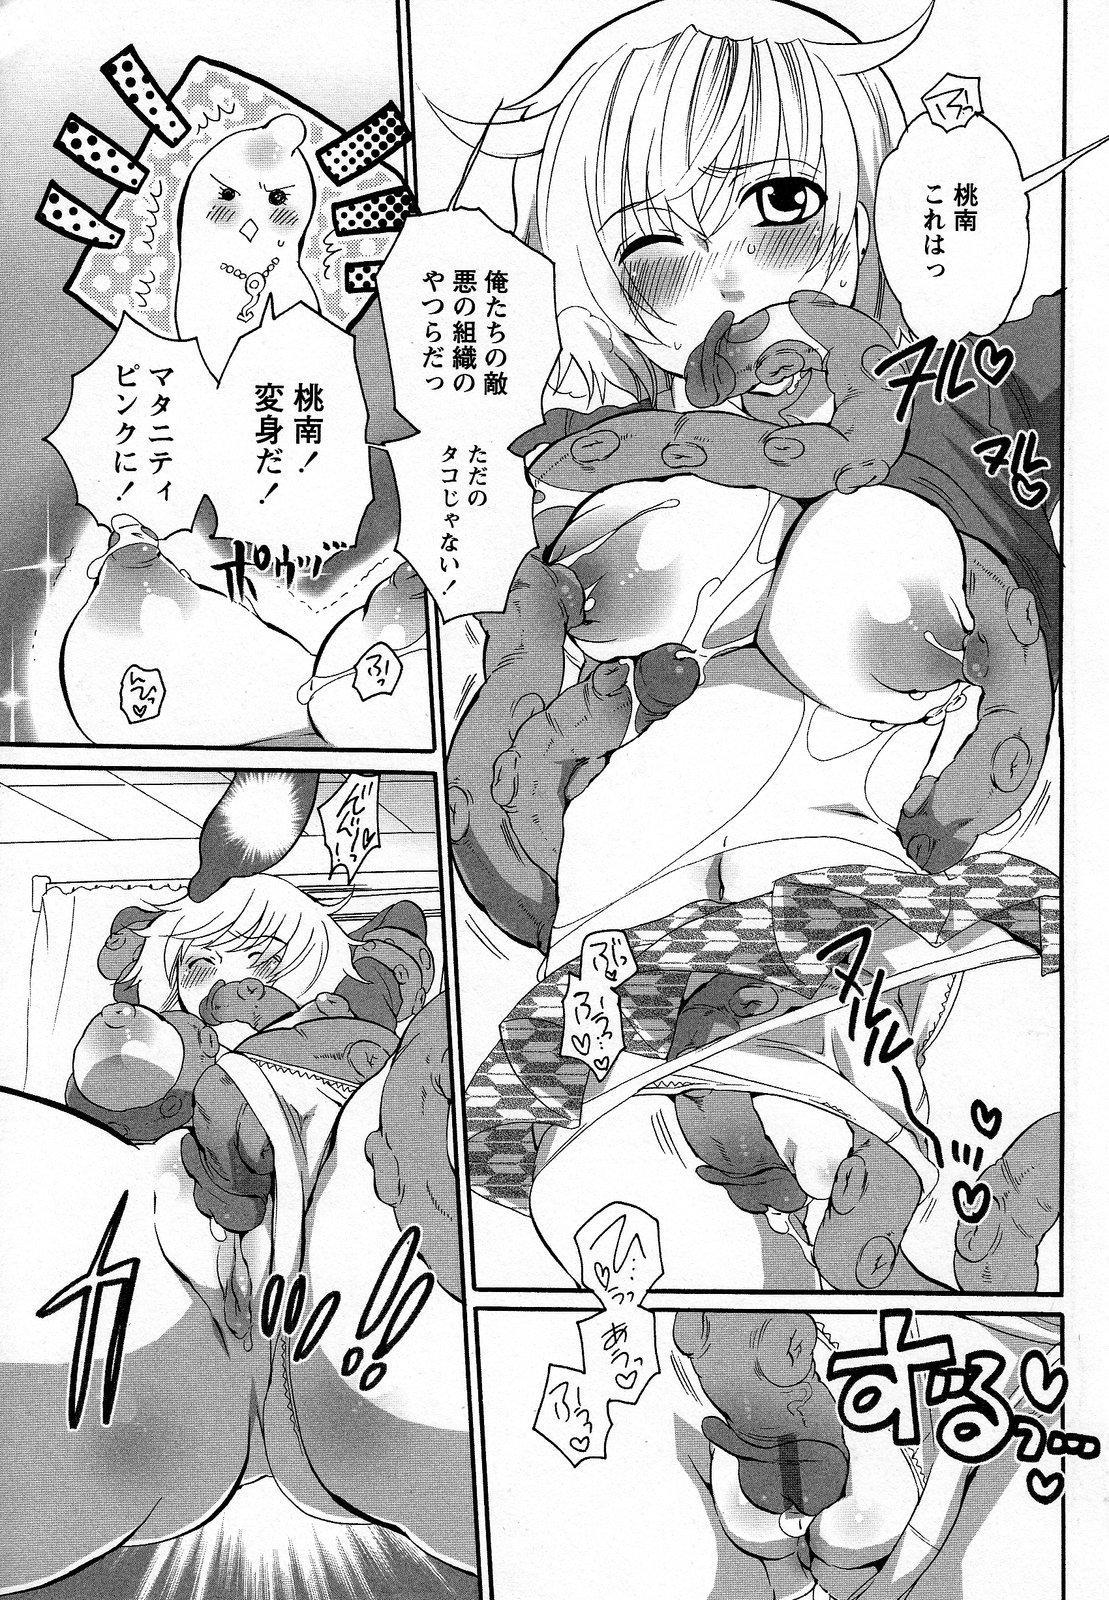 Boku ga Onee-sama no Mesu Dorei ni Narutoki 148